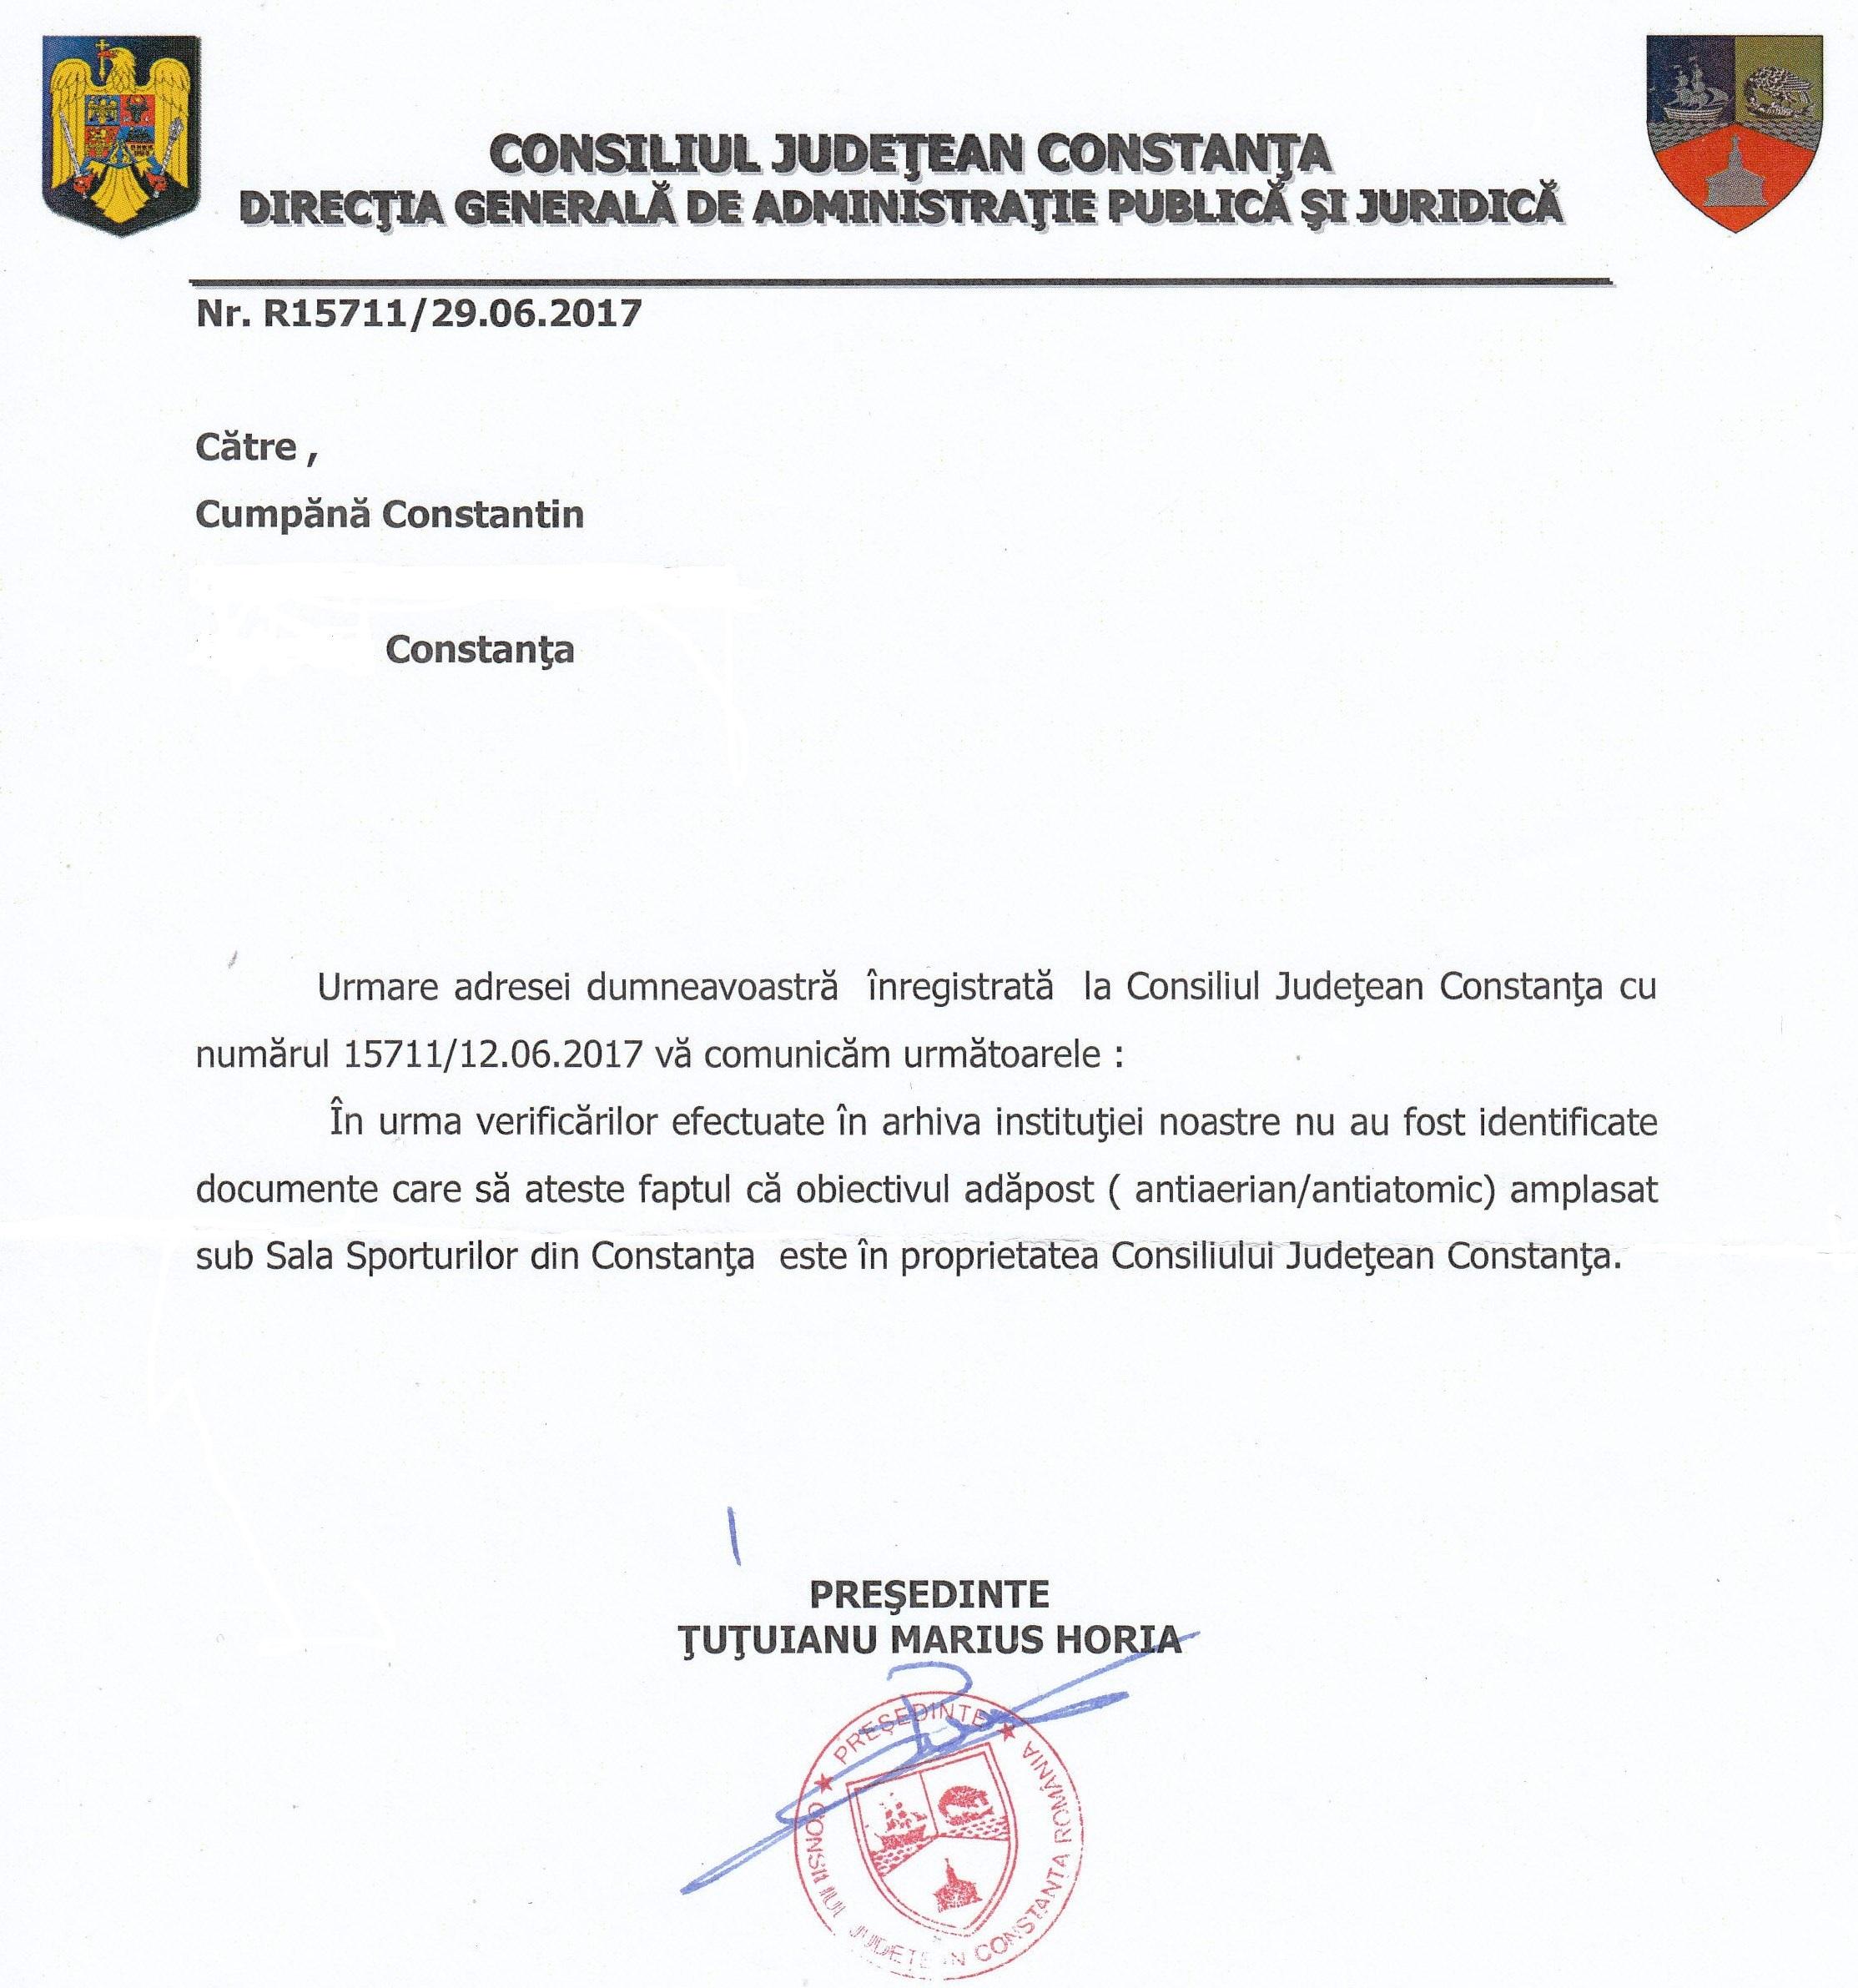 Răspunsul primit de la Consiliul Județean Constanța.